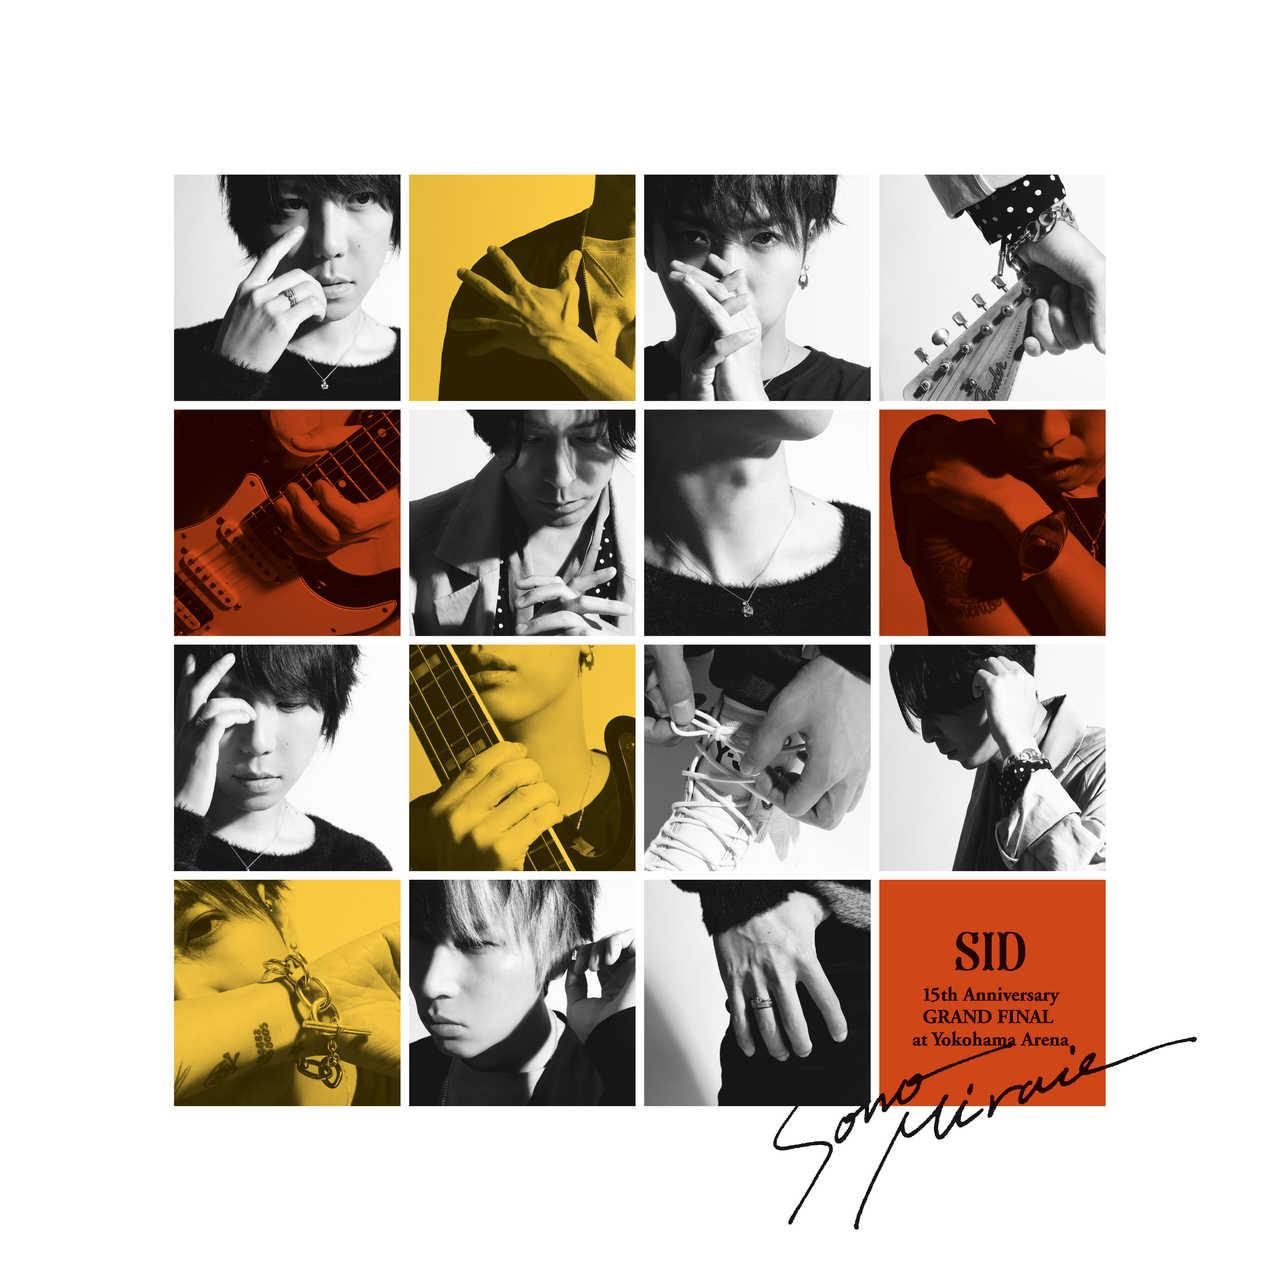 シングル「その未来へ -SID 15th Anniversary GRAND FINAL at 横浜アリーナ 会場限定盤-」